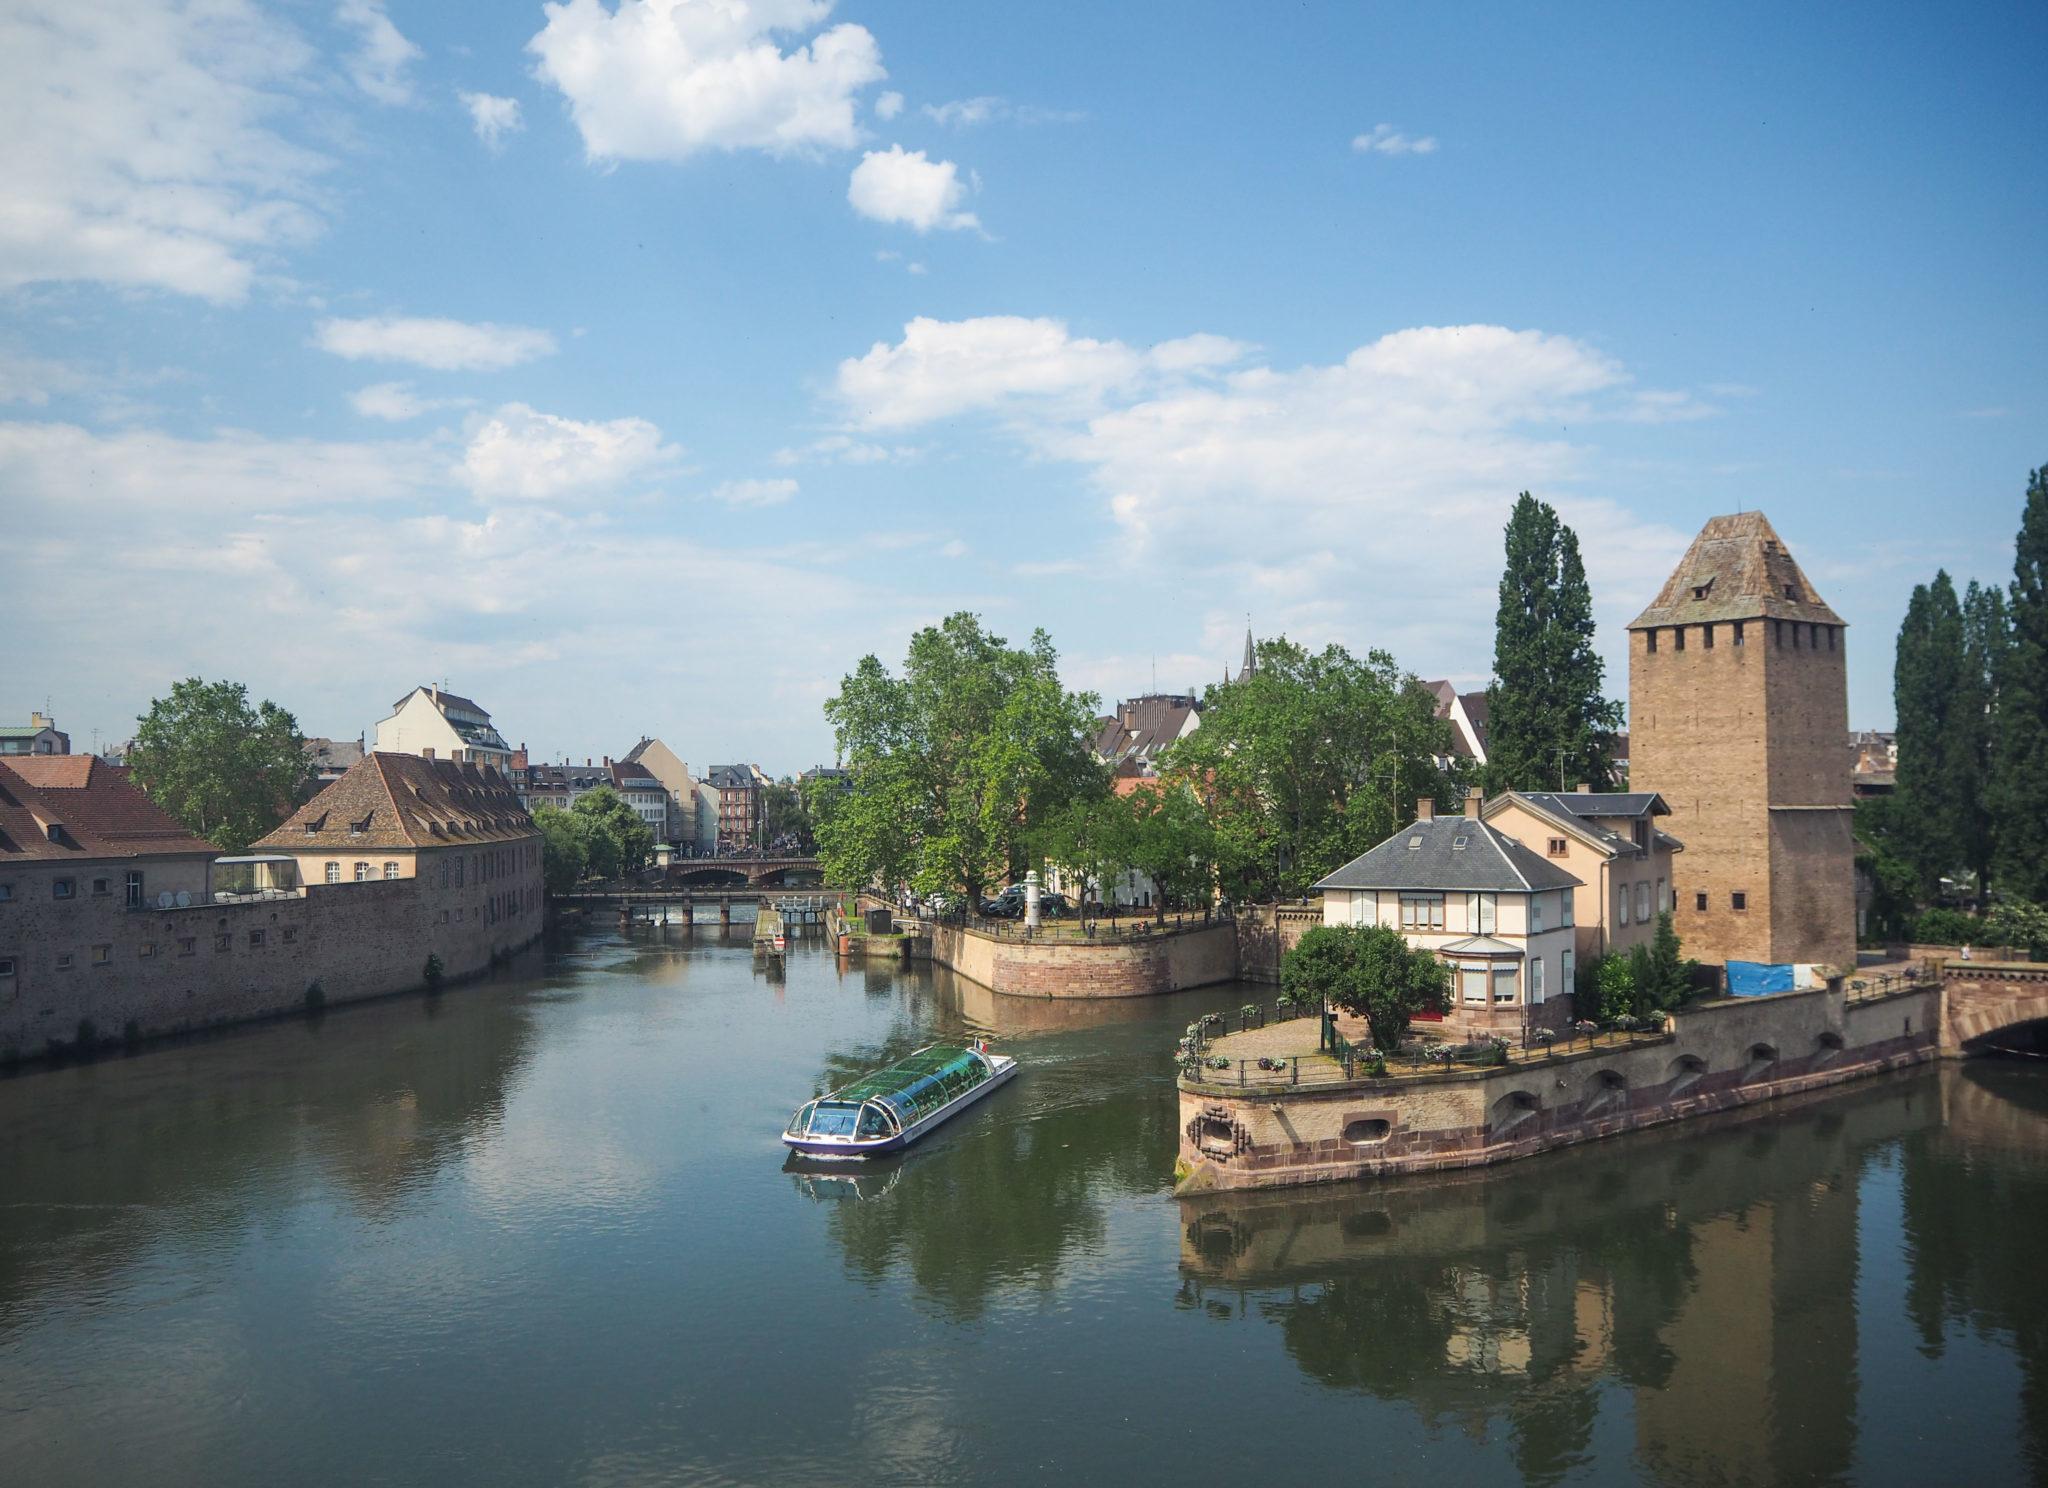 Les Ponts Couverts - Au coeur de la Petite France à Strasbourg - Visiter Strasbourg au fil de l'eau: 2 jours dans la capitale alsacienne entre amies - Par Voyages et Vagabondages, le blog du voyage en solo au féminin - Récit, photos, conseils, idées de visite et bonnes adresses pour visiter Strasbourg